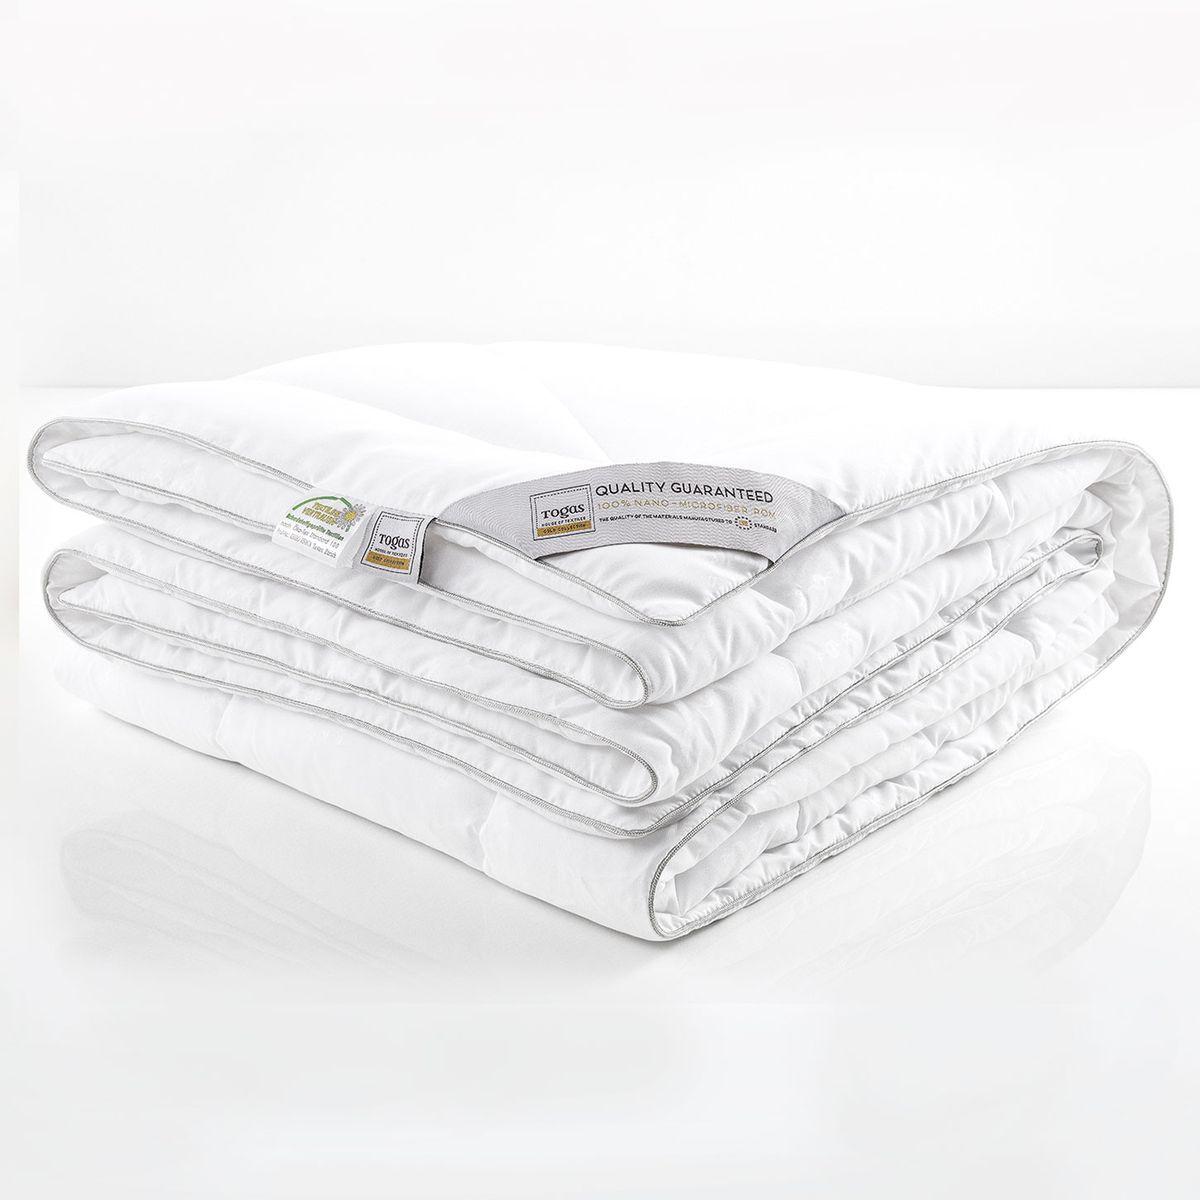 """Одеяло Нано микрофайбер с микрогранулами нано, 220 х 240 см. 20.04.12.0015531-105Комфортная темпетатура тела во время сна - важная составляющая комфорта. В идеальных условиях тело расслабляется и по-настоящему отдыхает, как результат - Вы просыпаетесь отдохнувшим и бодрым, готовым к новым свершениям. """"Микрофайбер с микрогранулами НАНО"""" - одеяло с """"климатконтролем"""". Оно «подстраивается» под различные температурные условия, регулируя температуру тела во время сна и наполняя Вас ощущением легкости и комфорта"""